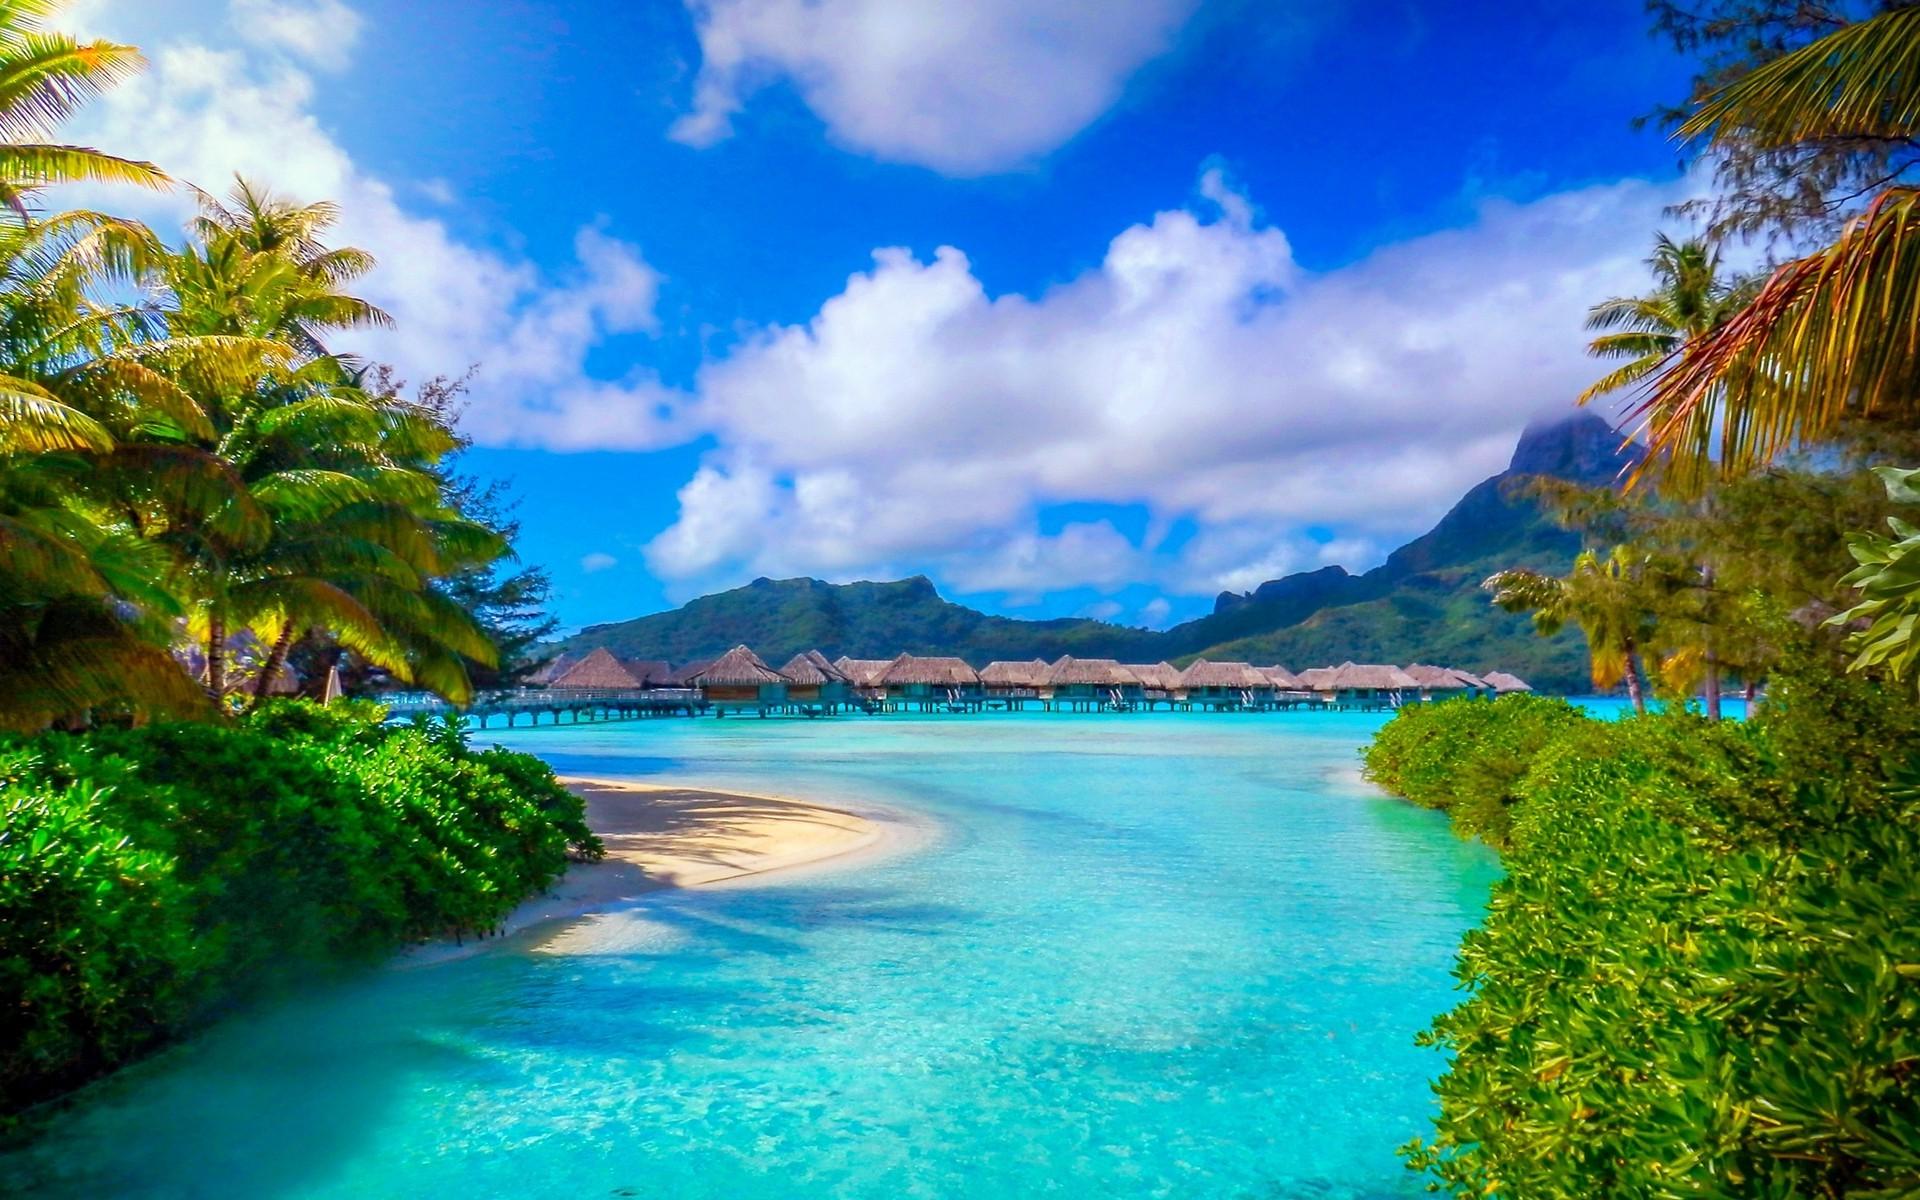 wallpaper : 1920x1200 px, beach, bora bora, french polynesia, island